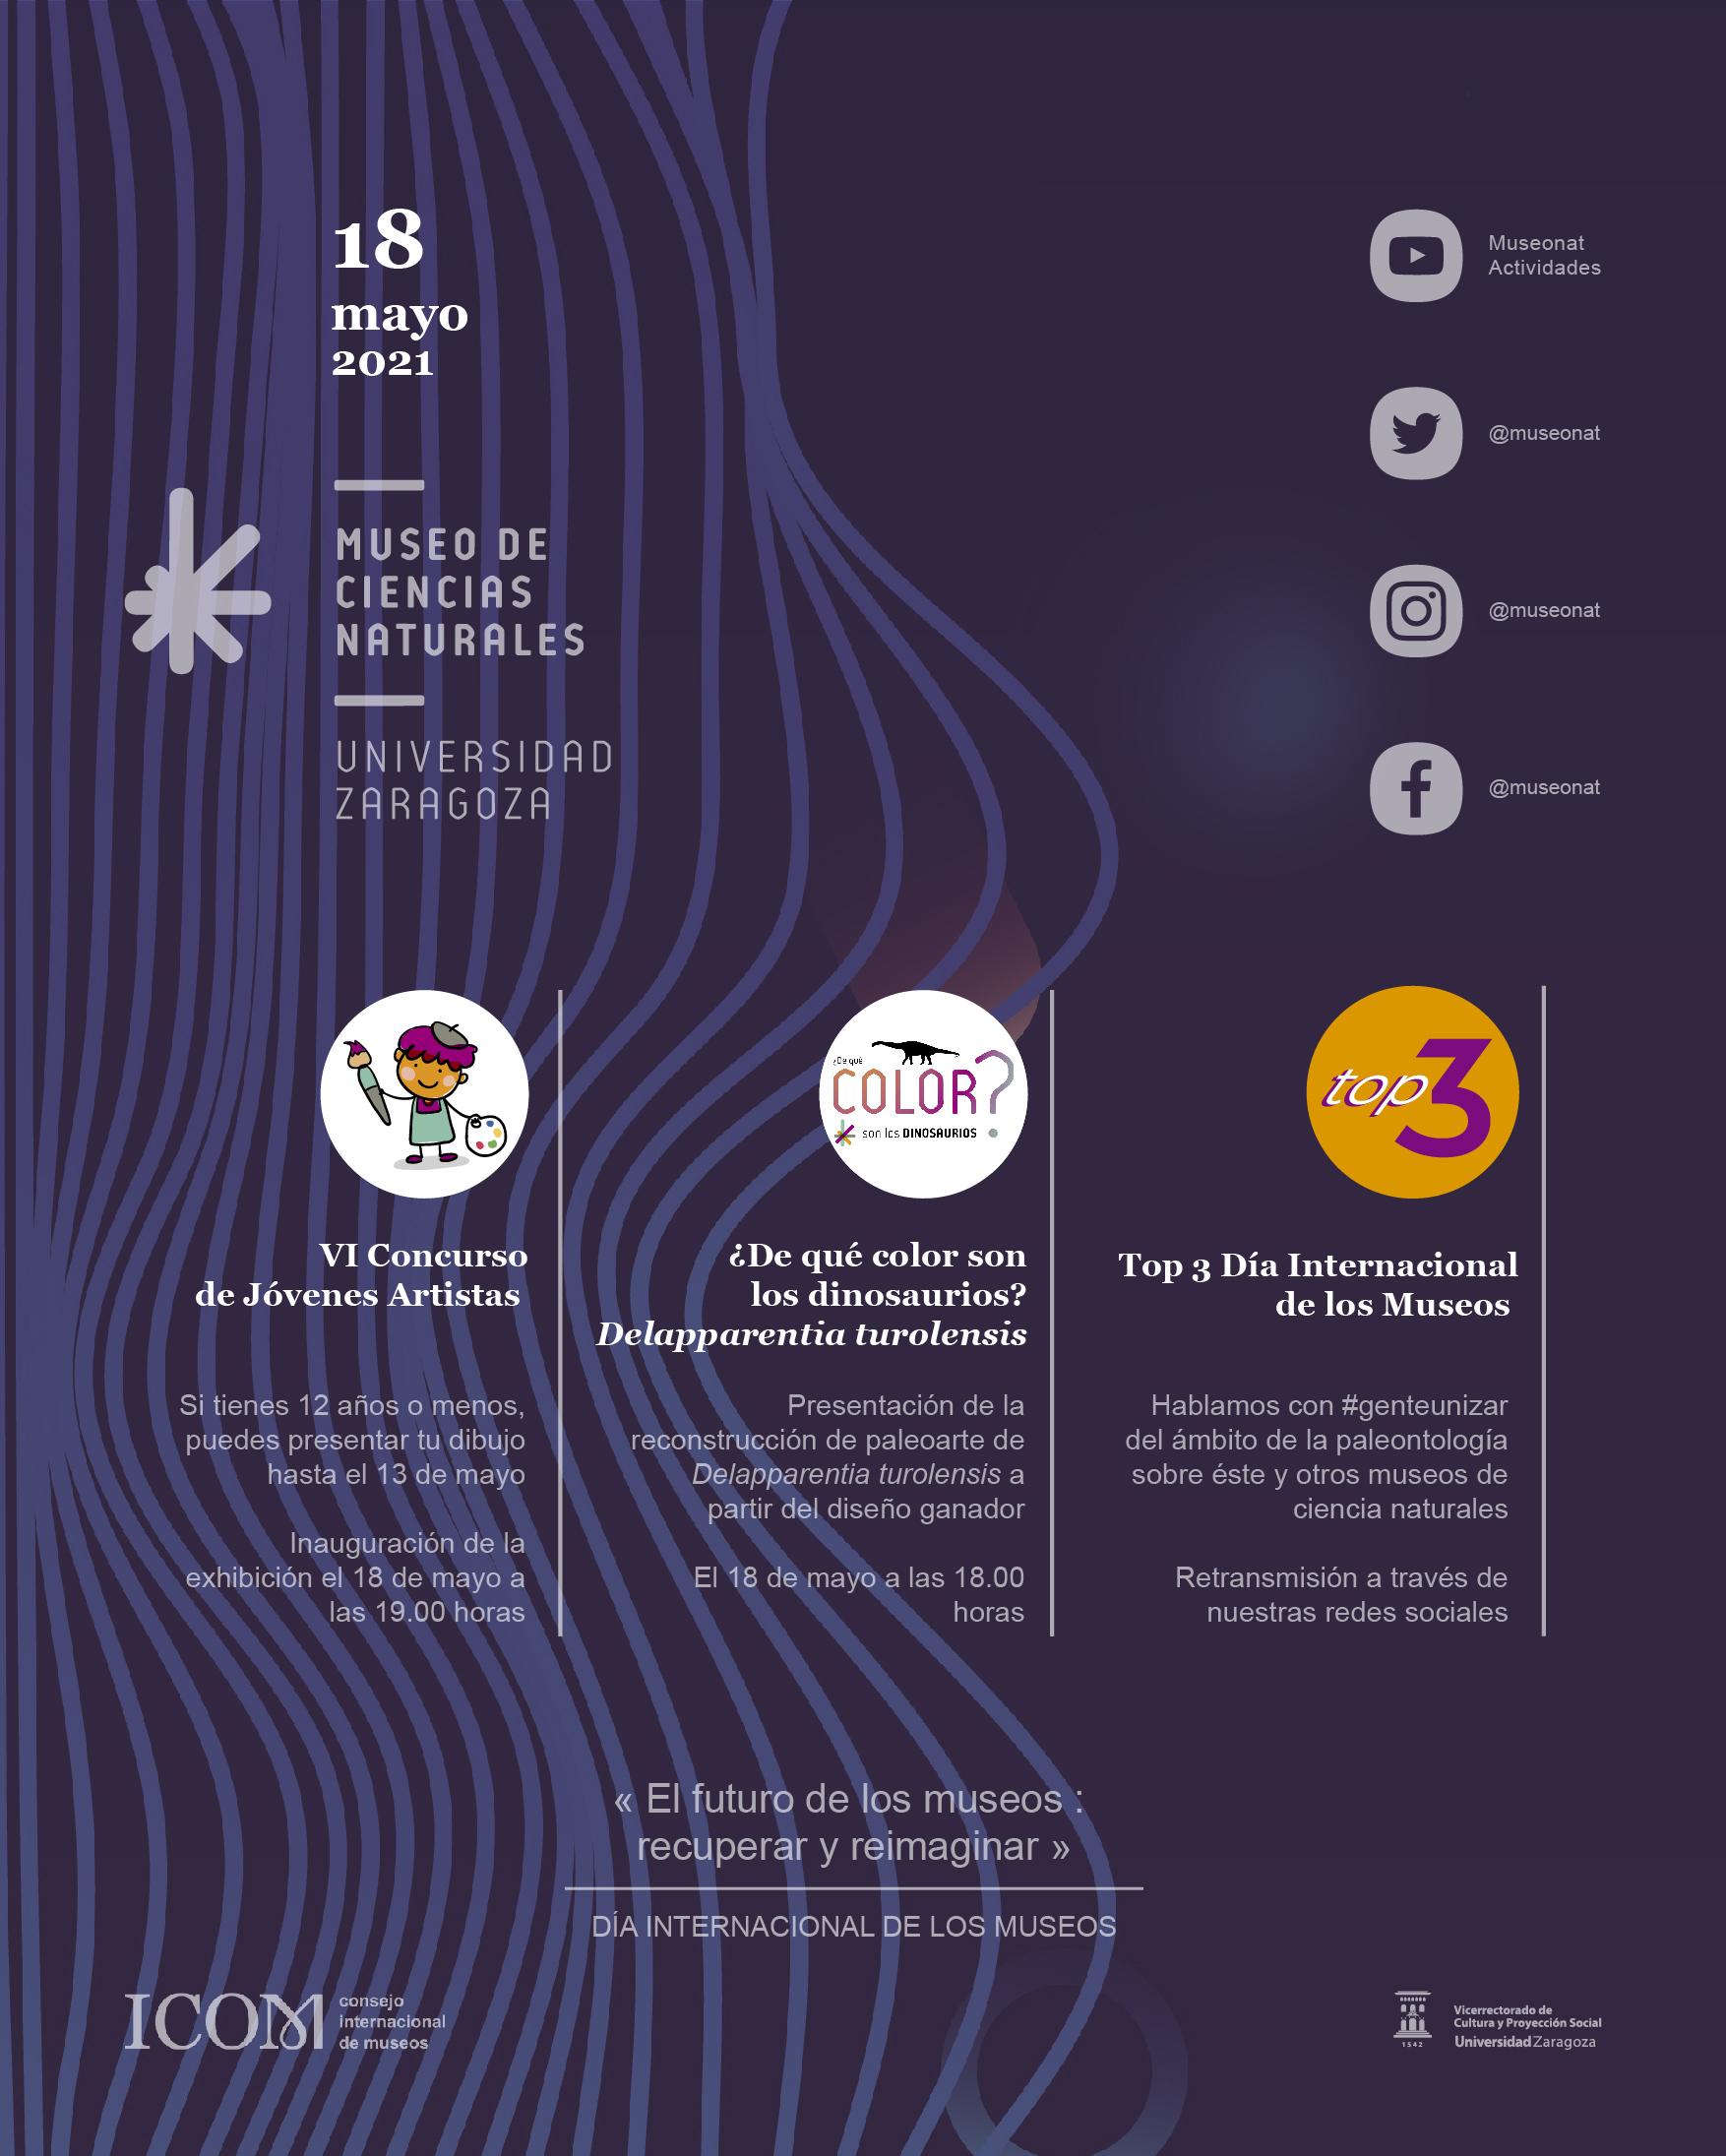 Programa de actividades con motivo del Día Internacional de los Museos 2021